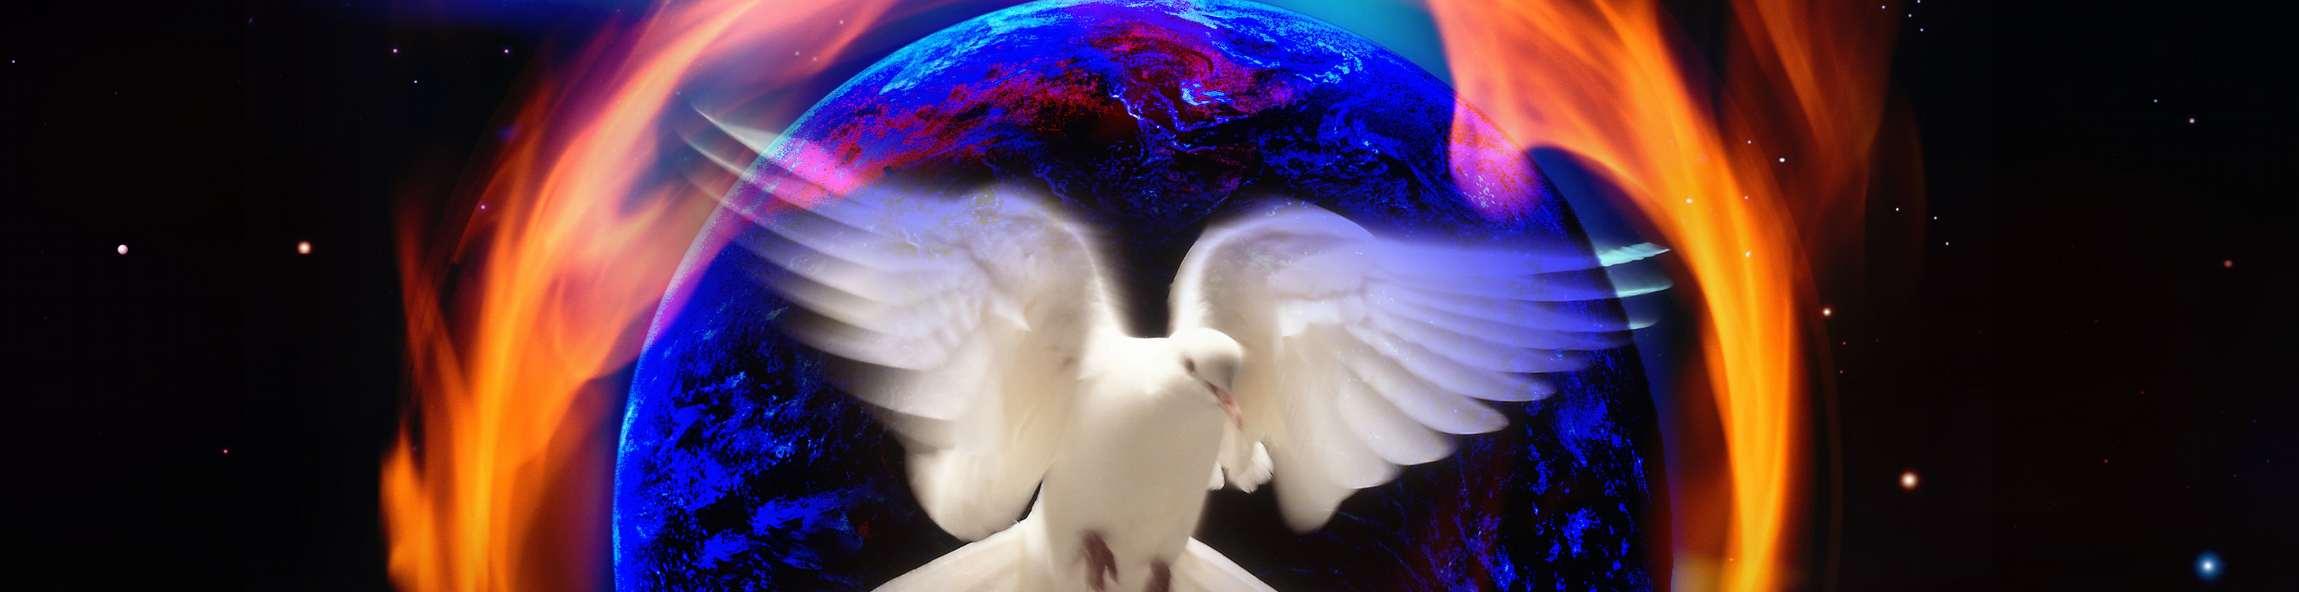 pentecost_banner__high_resolution_desktop_4200x3150_wallpaper-229638